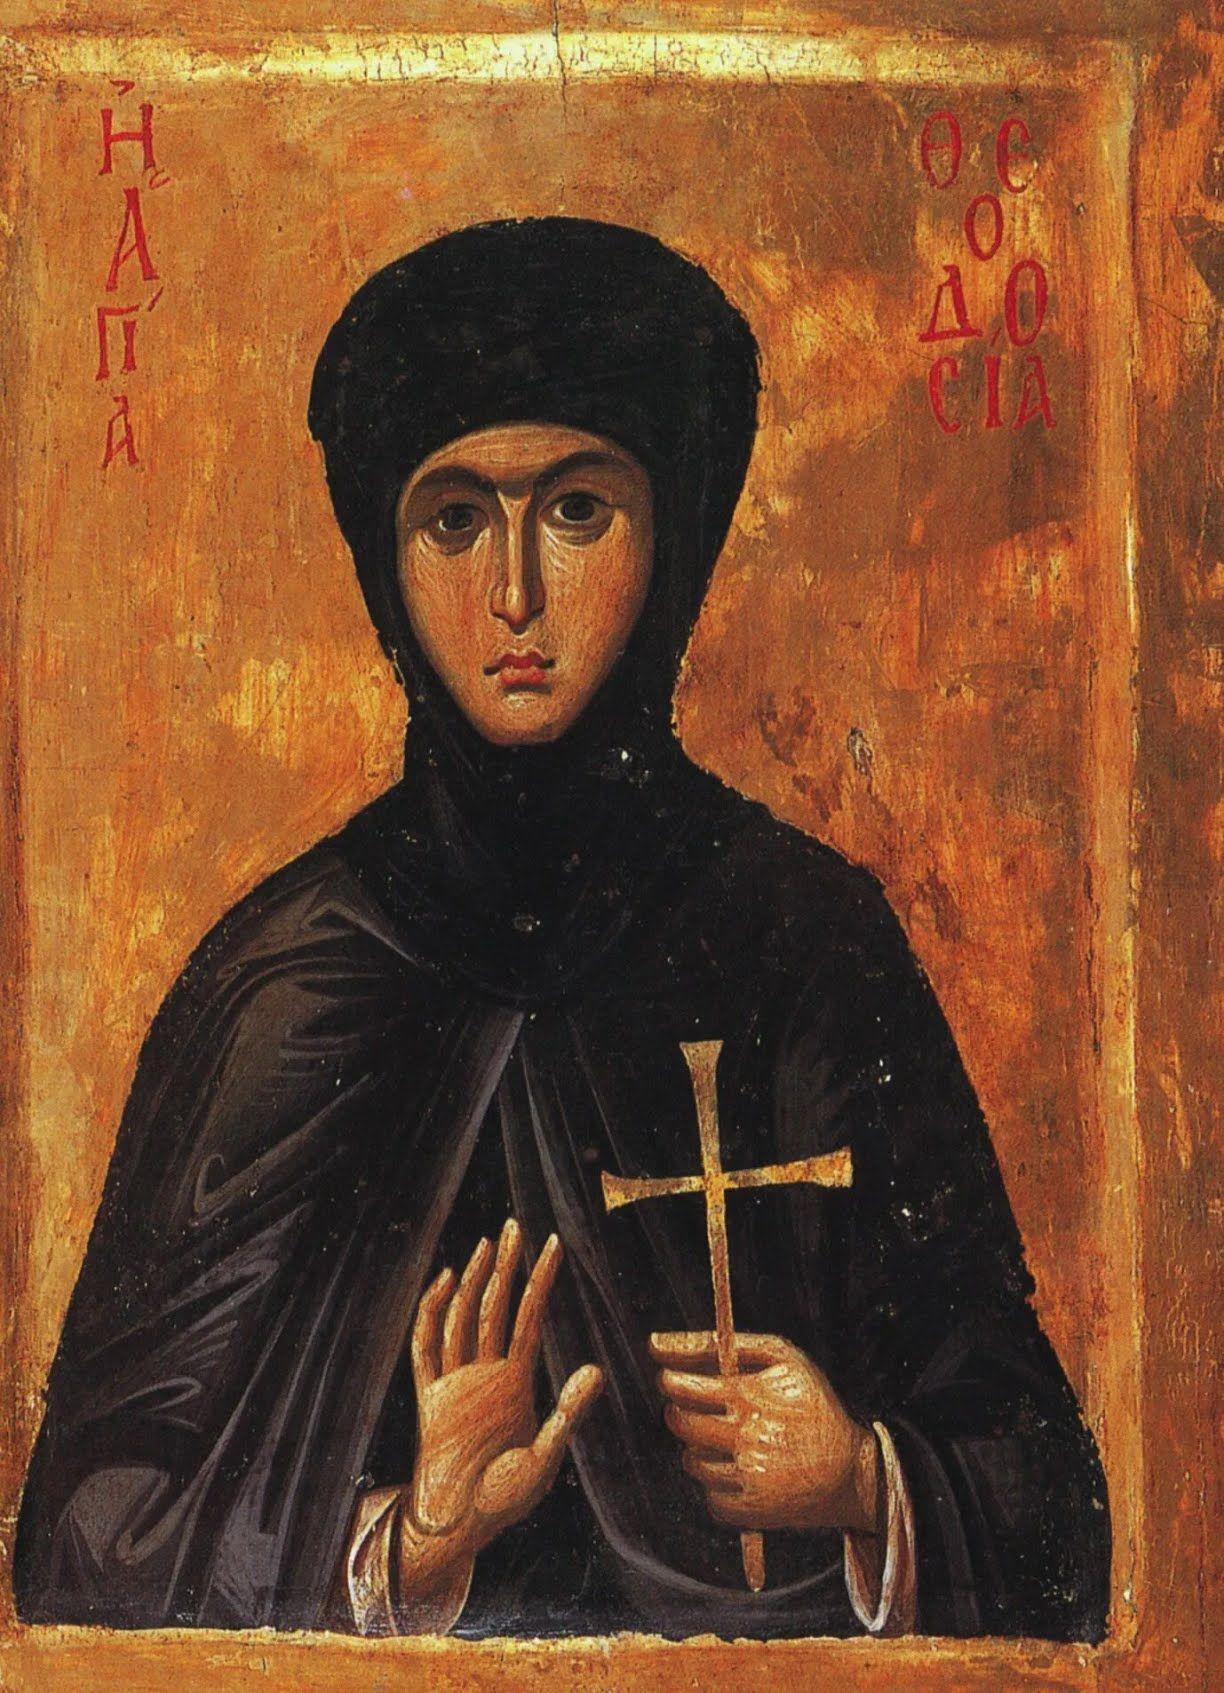 Феодосію Константинопольську стратили в VIII столітті за перешкоду знищенню ікон